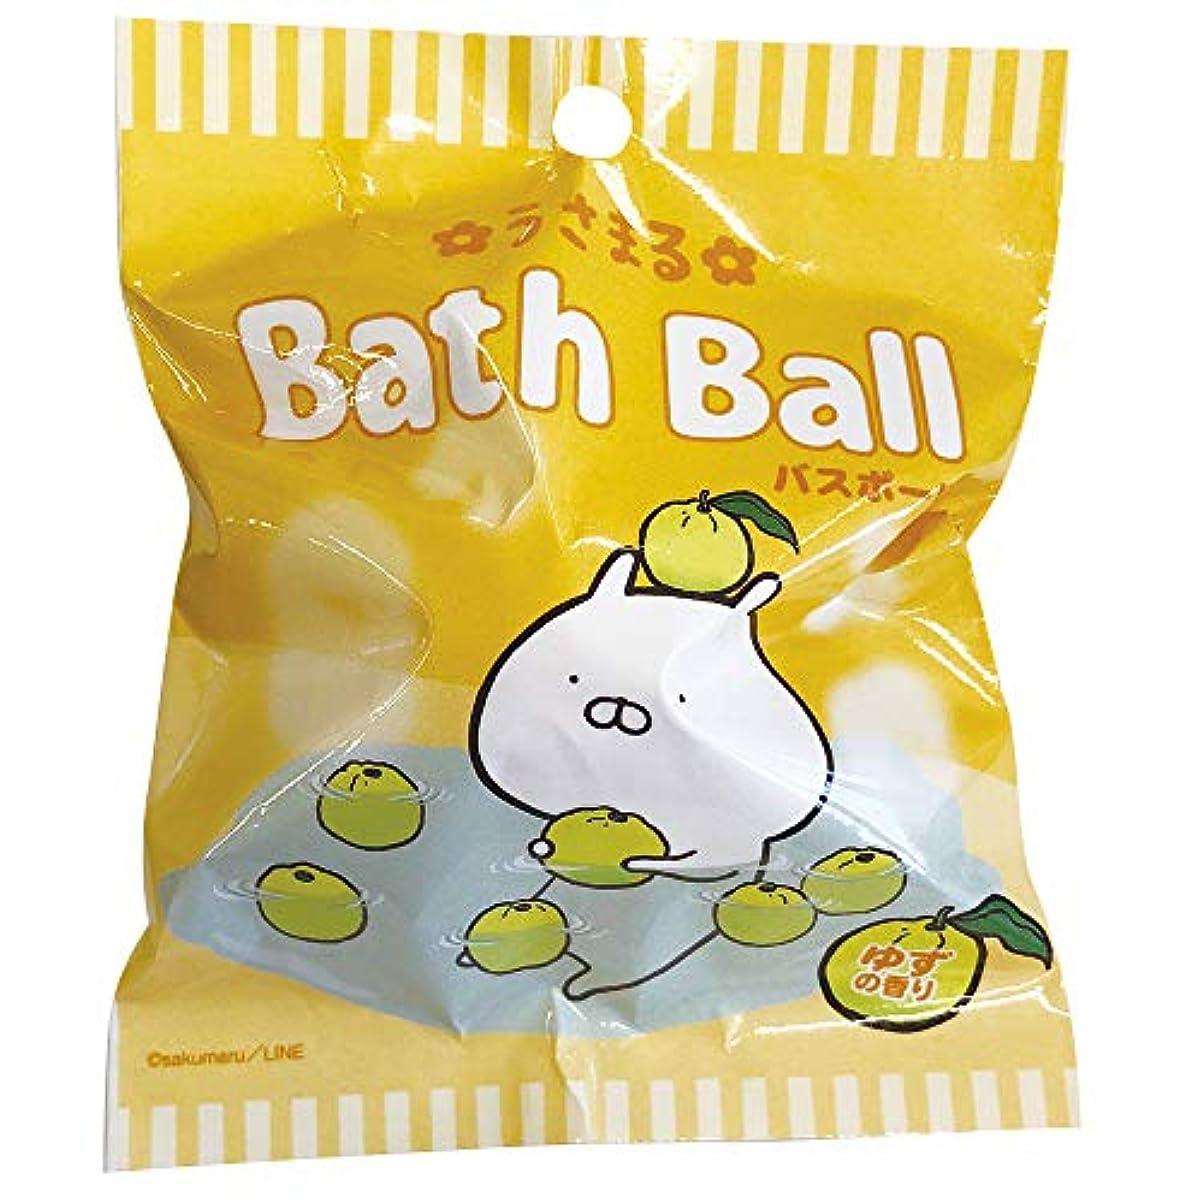 オリエント統合町うさまる 入浴剤 バスボール おまけ付き ゆずの香り 60g ABD-020-001